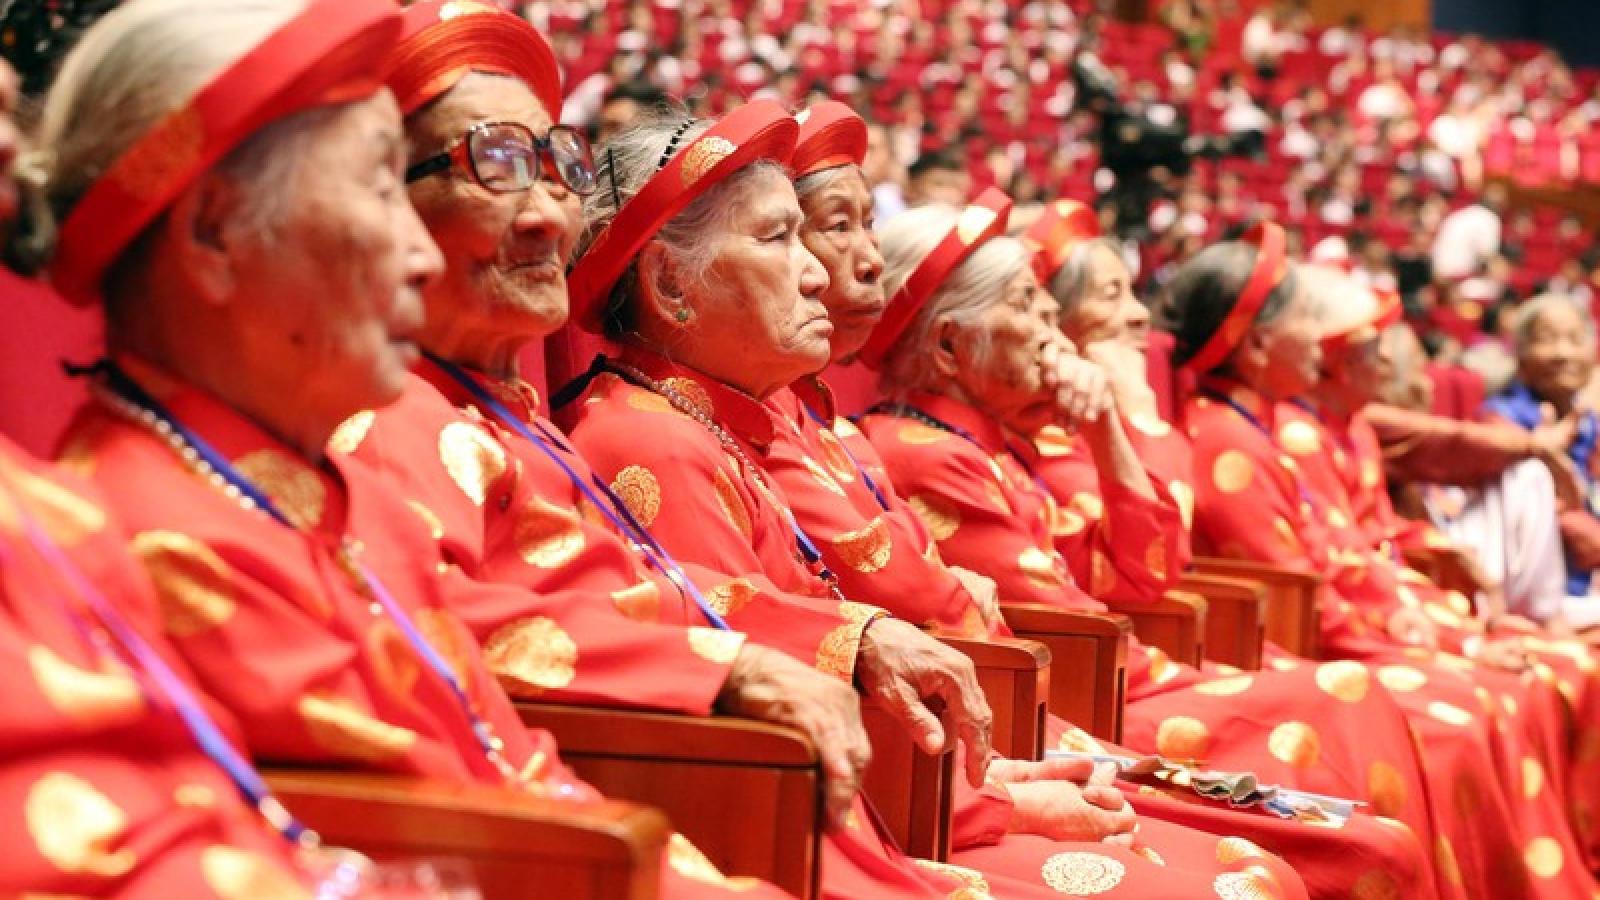 Hình ảnh xúc động gặp mặt Bà mẹ Việt Nam Anh hùng toàn quốc năm 2020